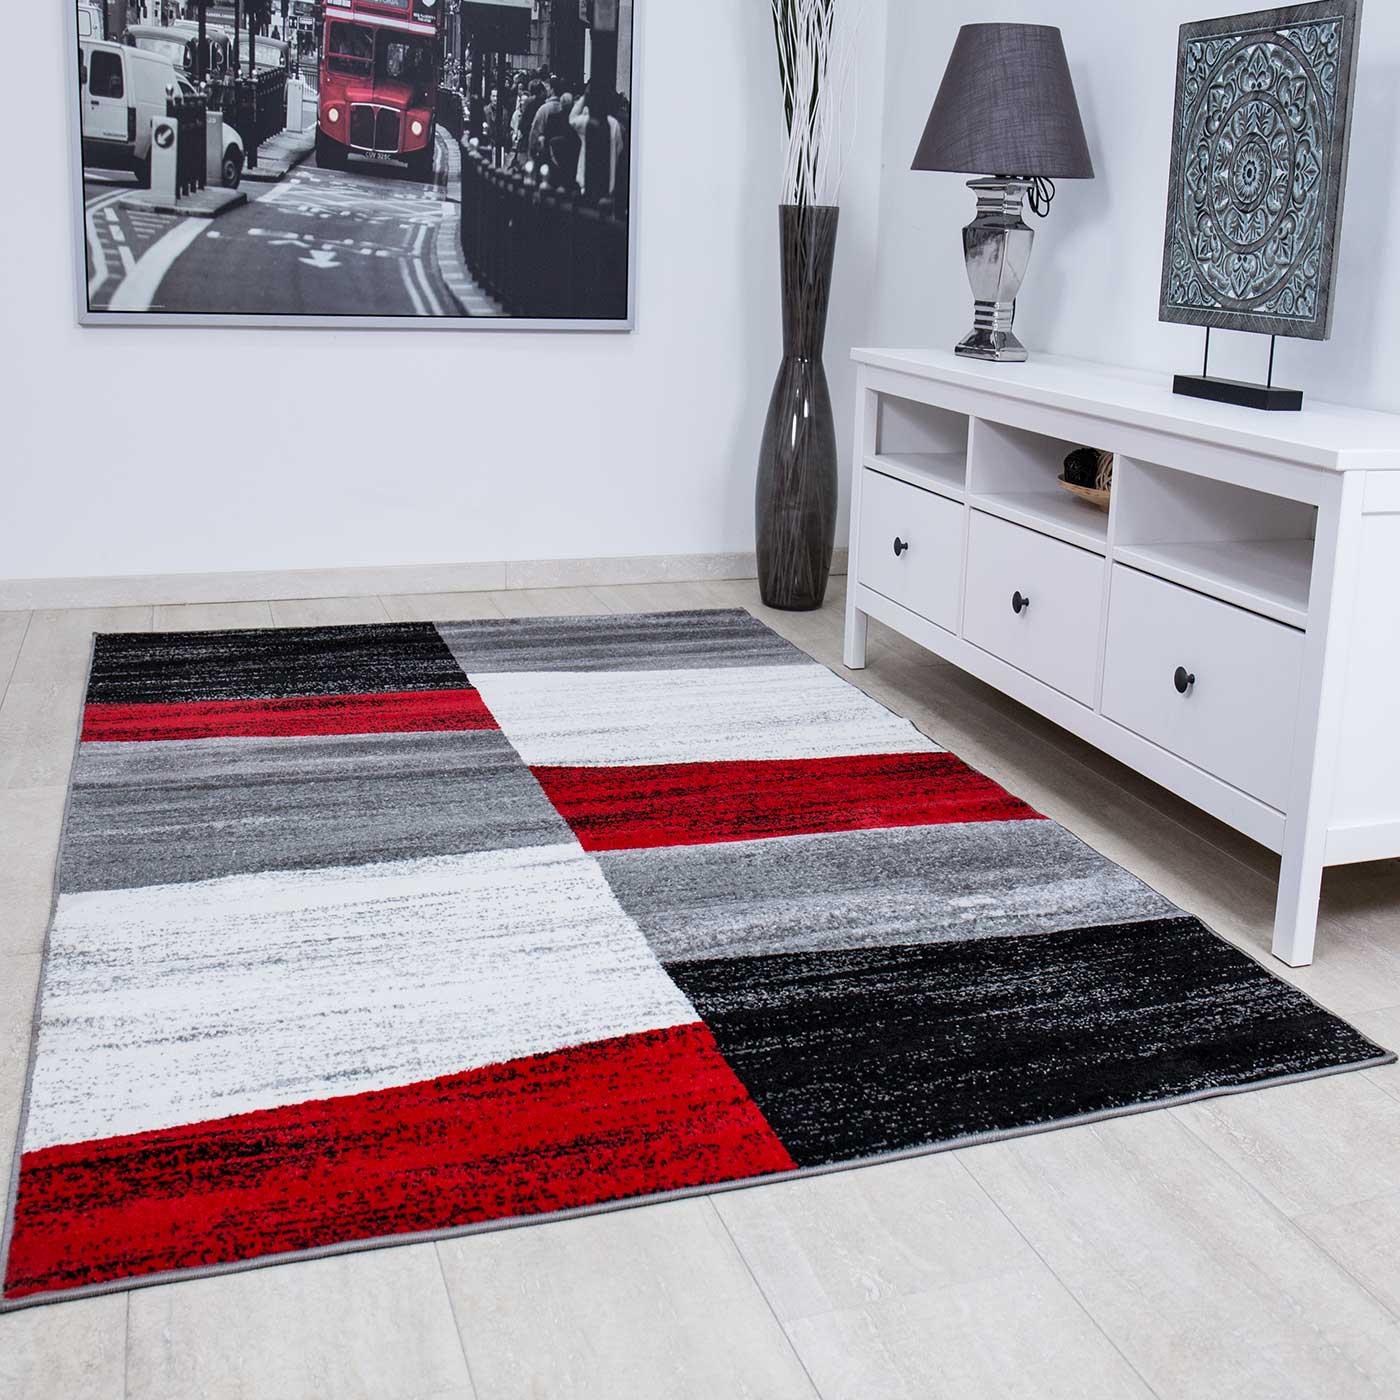 Full Size of Teppich Schlafzimmer Milano9119 Rot Moderner Designer Landhaus Wandleuchte Deckenleuchten Romantische Komplett Guenstig Komplettes Für Küche Vorhänge Schlafzimmer Teppich Schlafzimmer